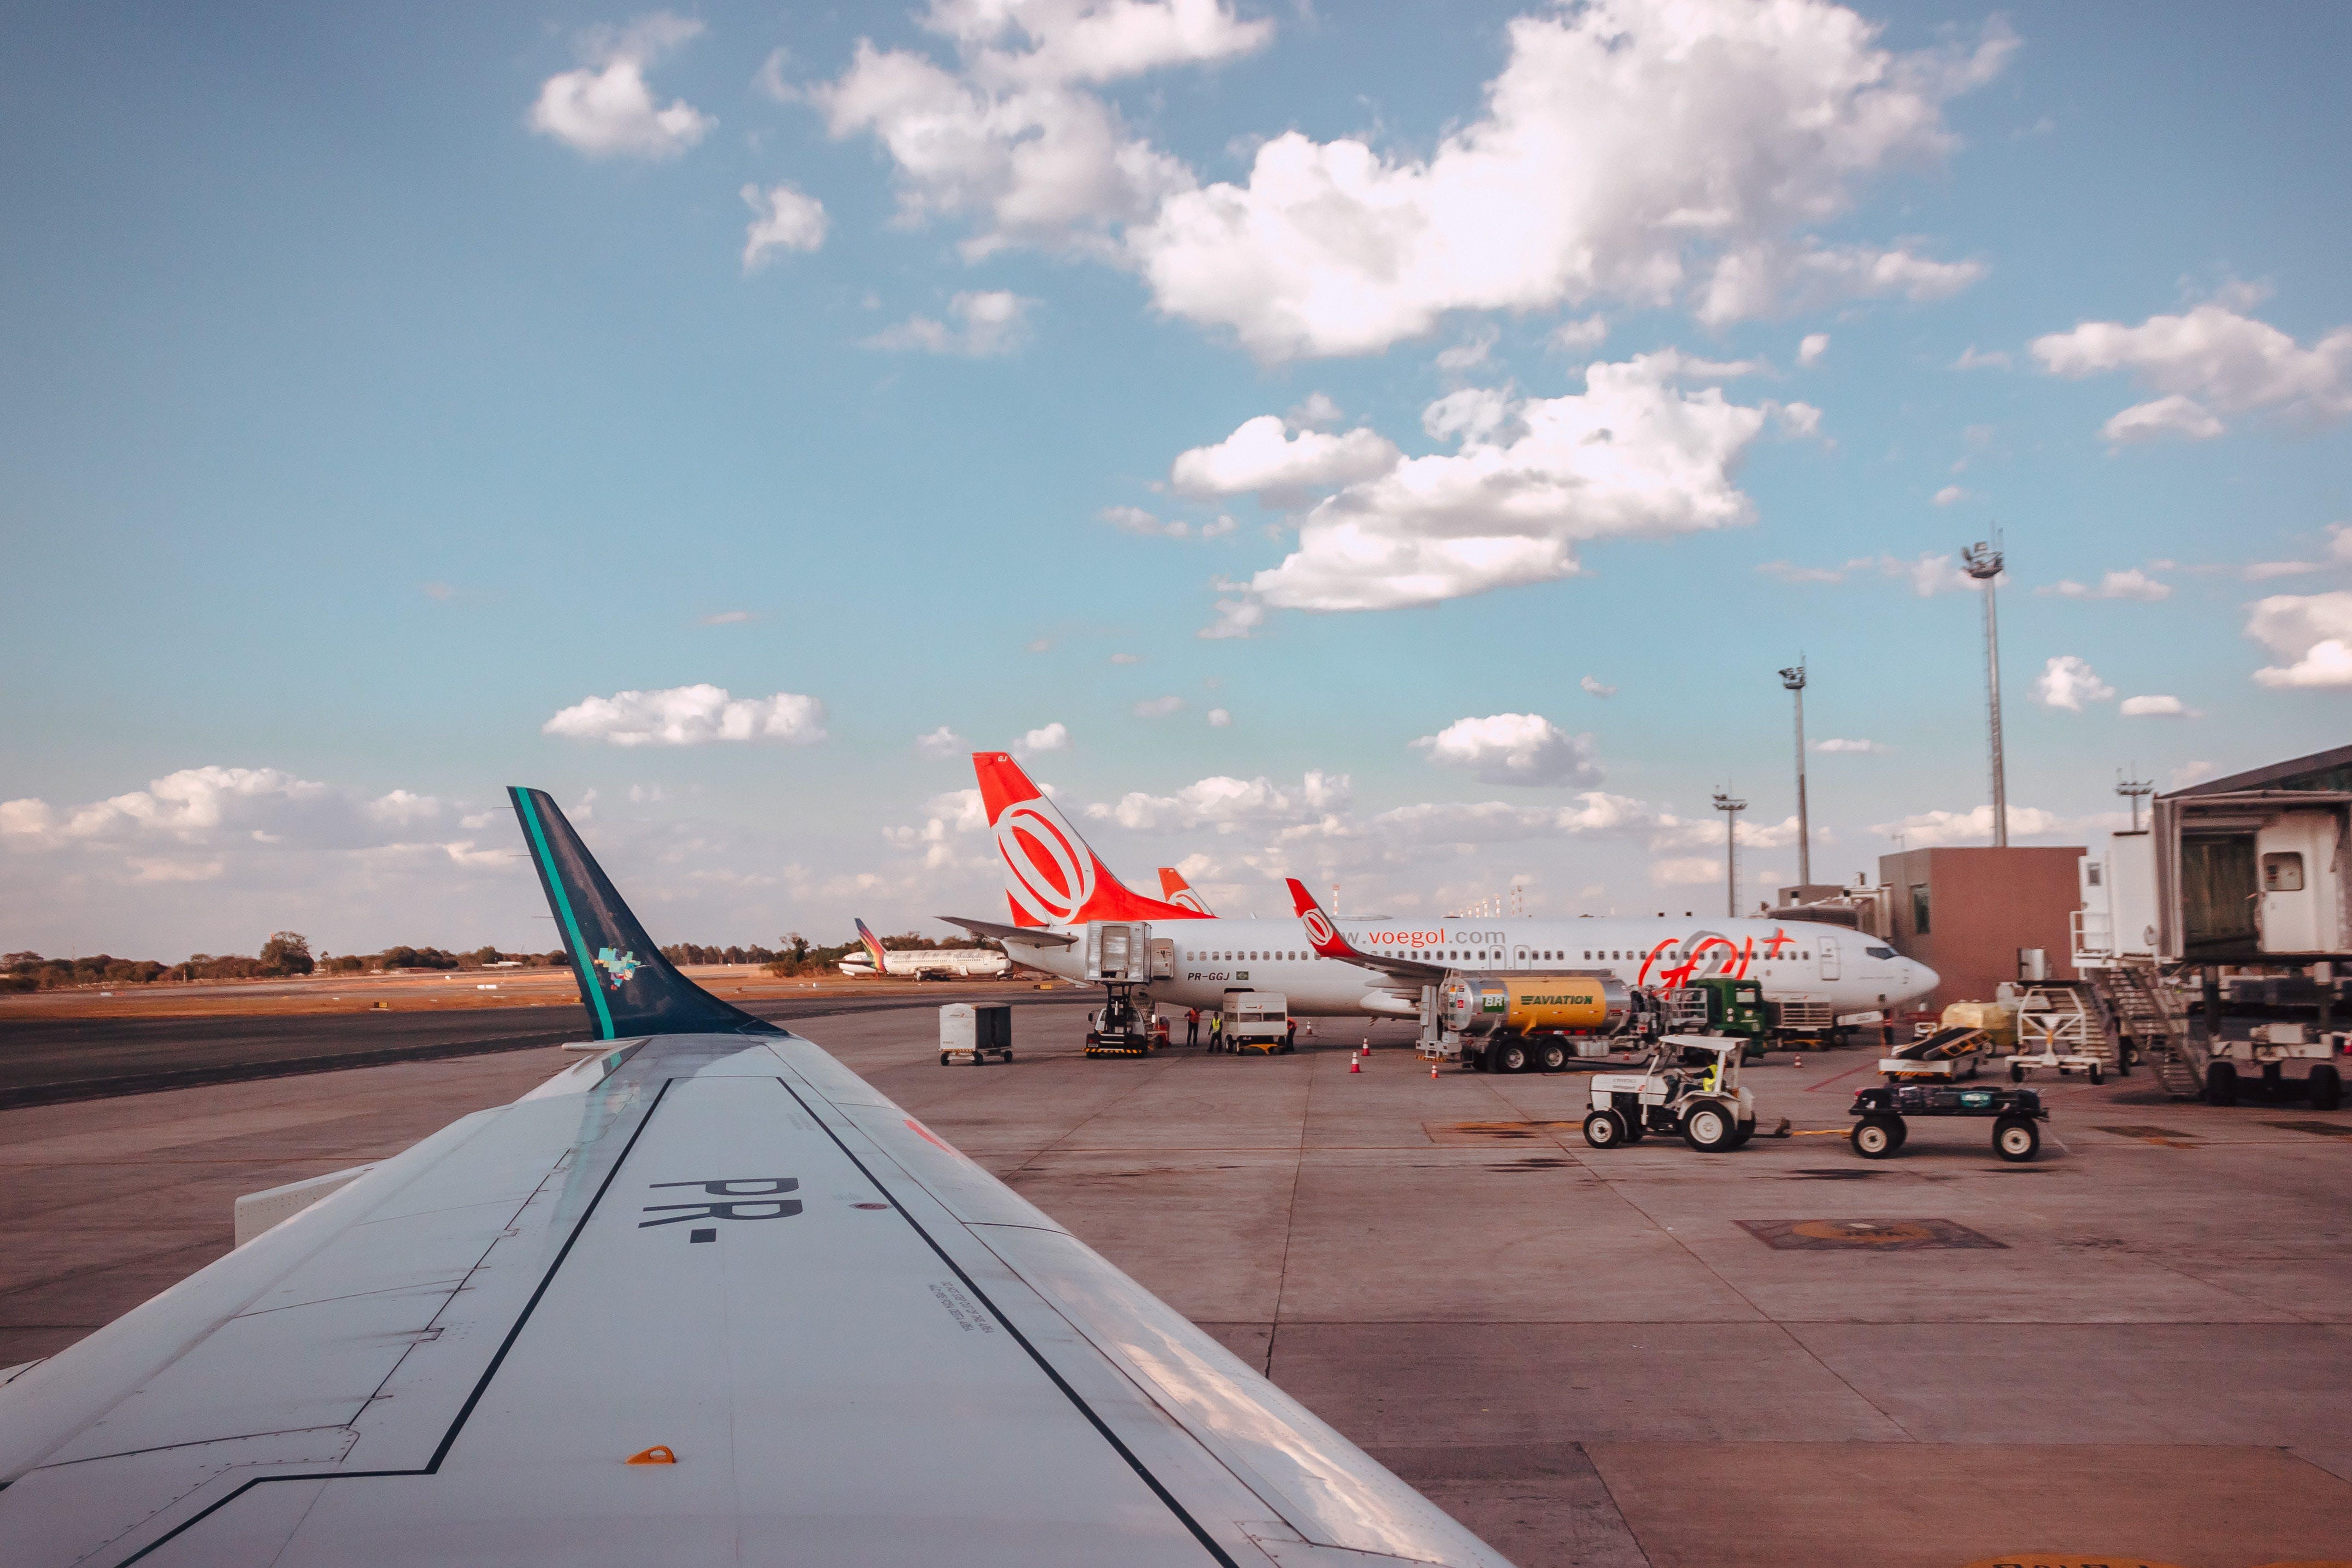 Δωρεάν στοκ φωτογραφιών με αεροδρόμιο, αεροπλοΐα, αεροσκάφη, Άνθρωποι